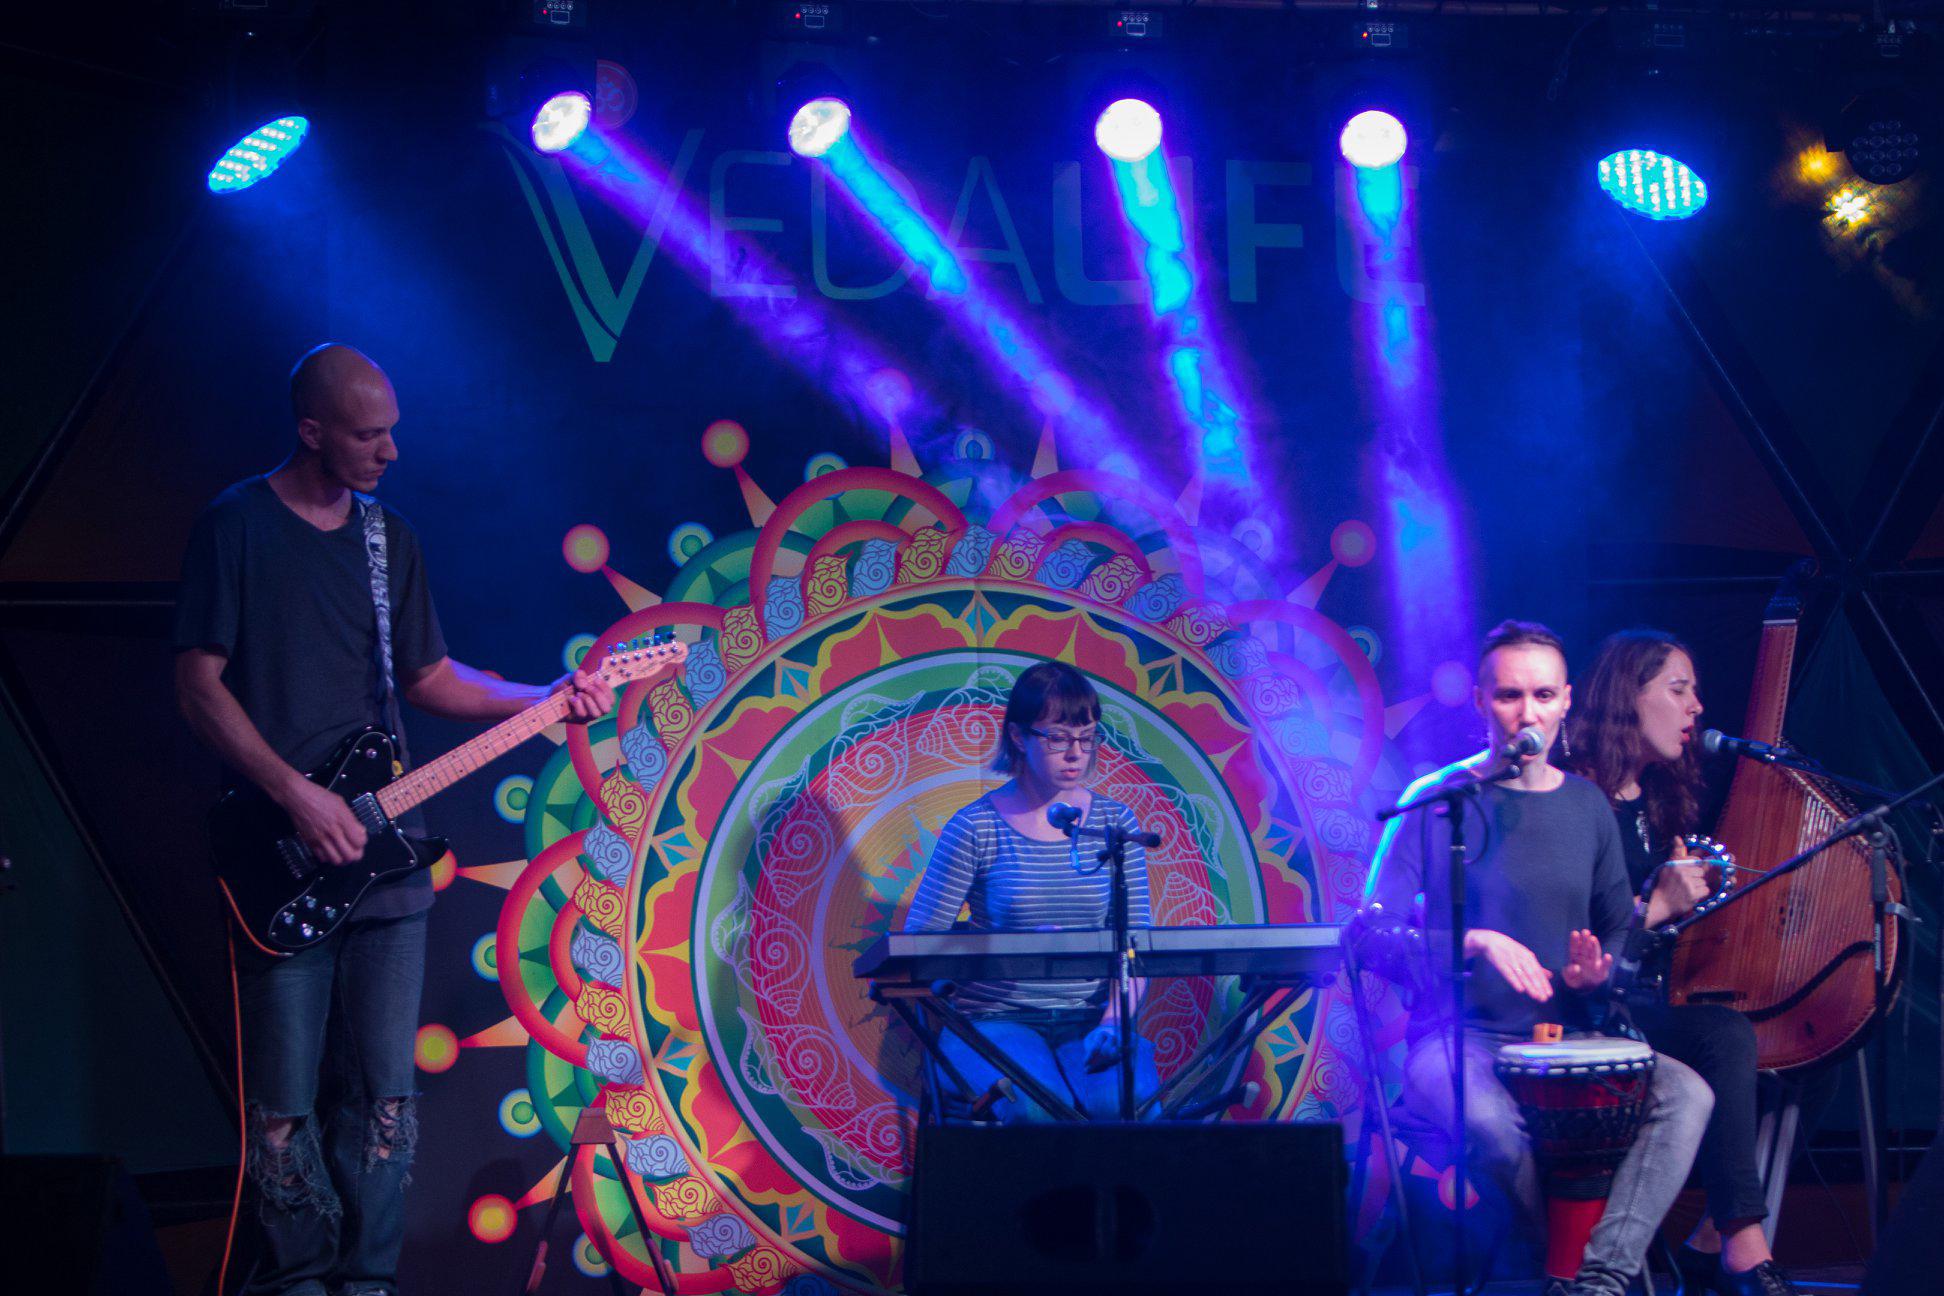 Фестиваль Vedalife